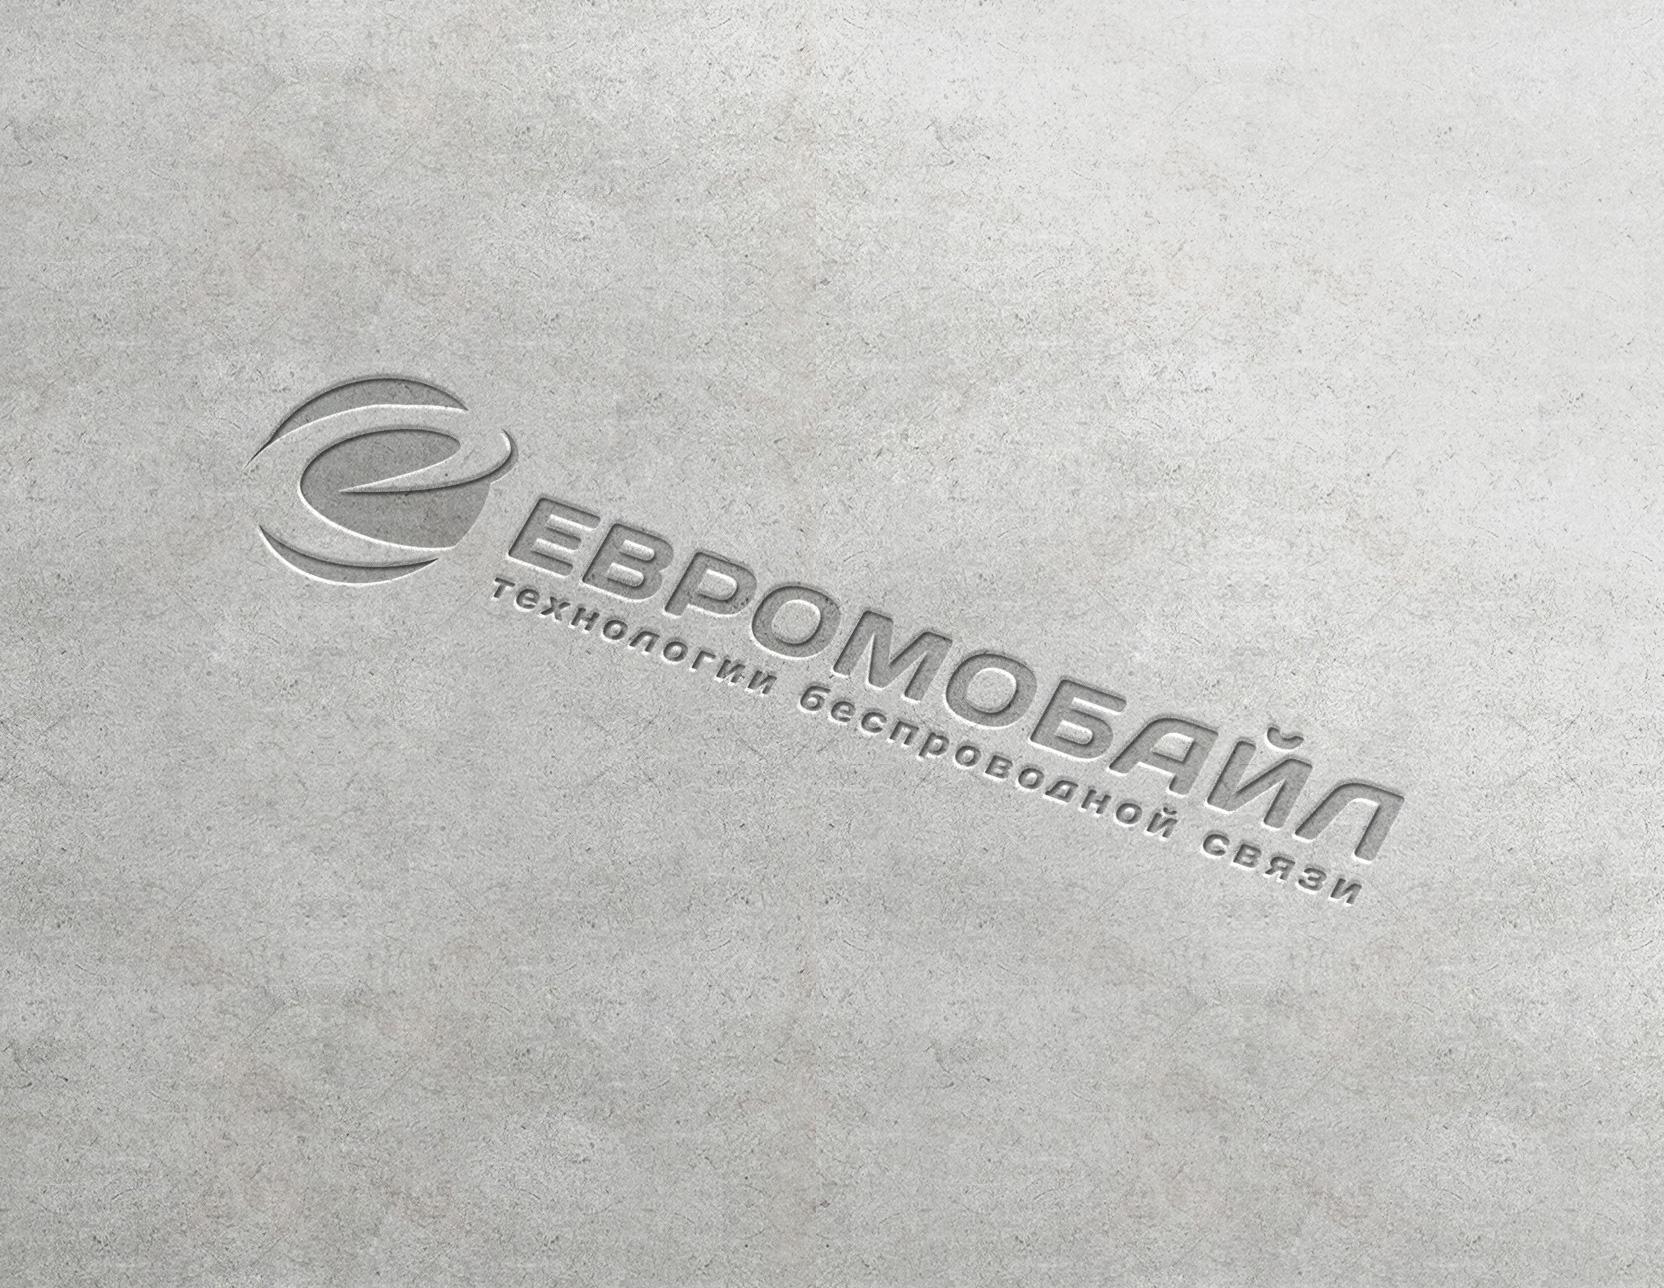 Редизайн логотипа фото f_27759c4d89e953e6.jpg